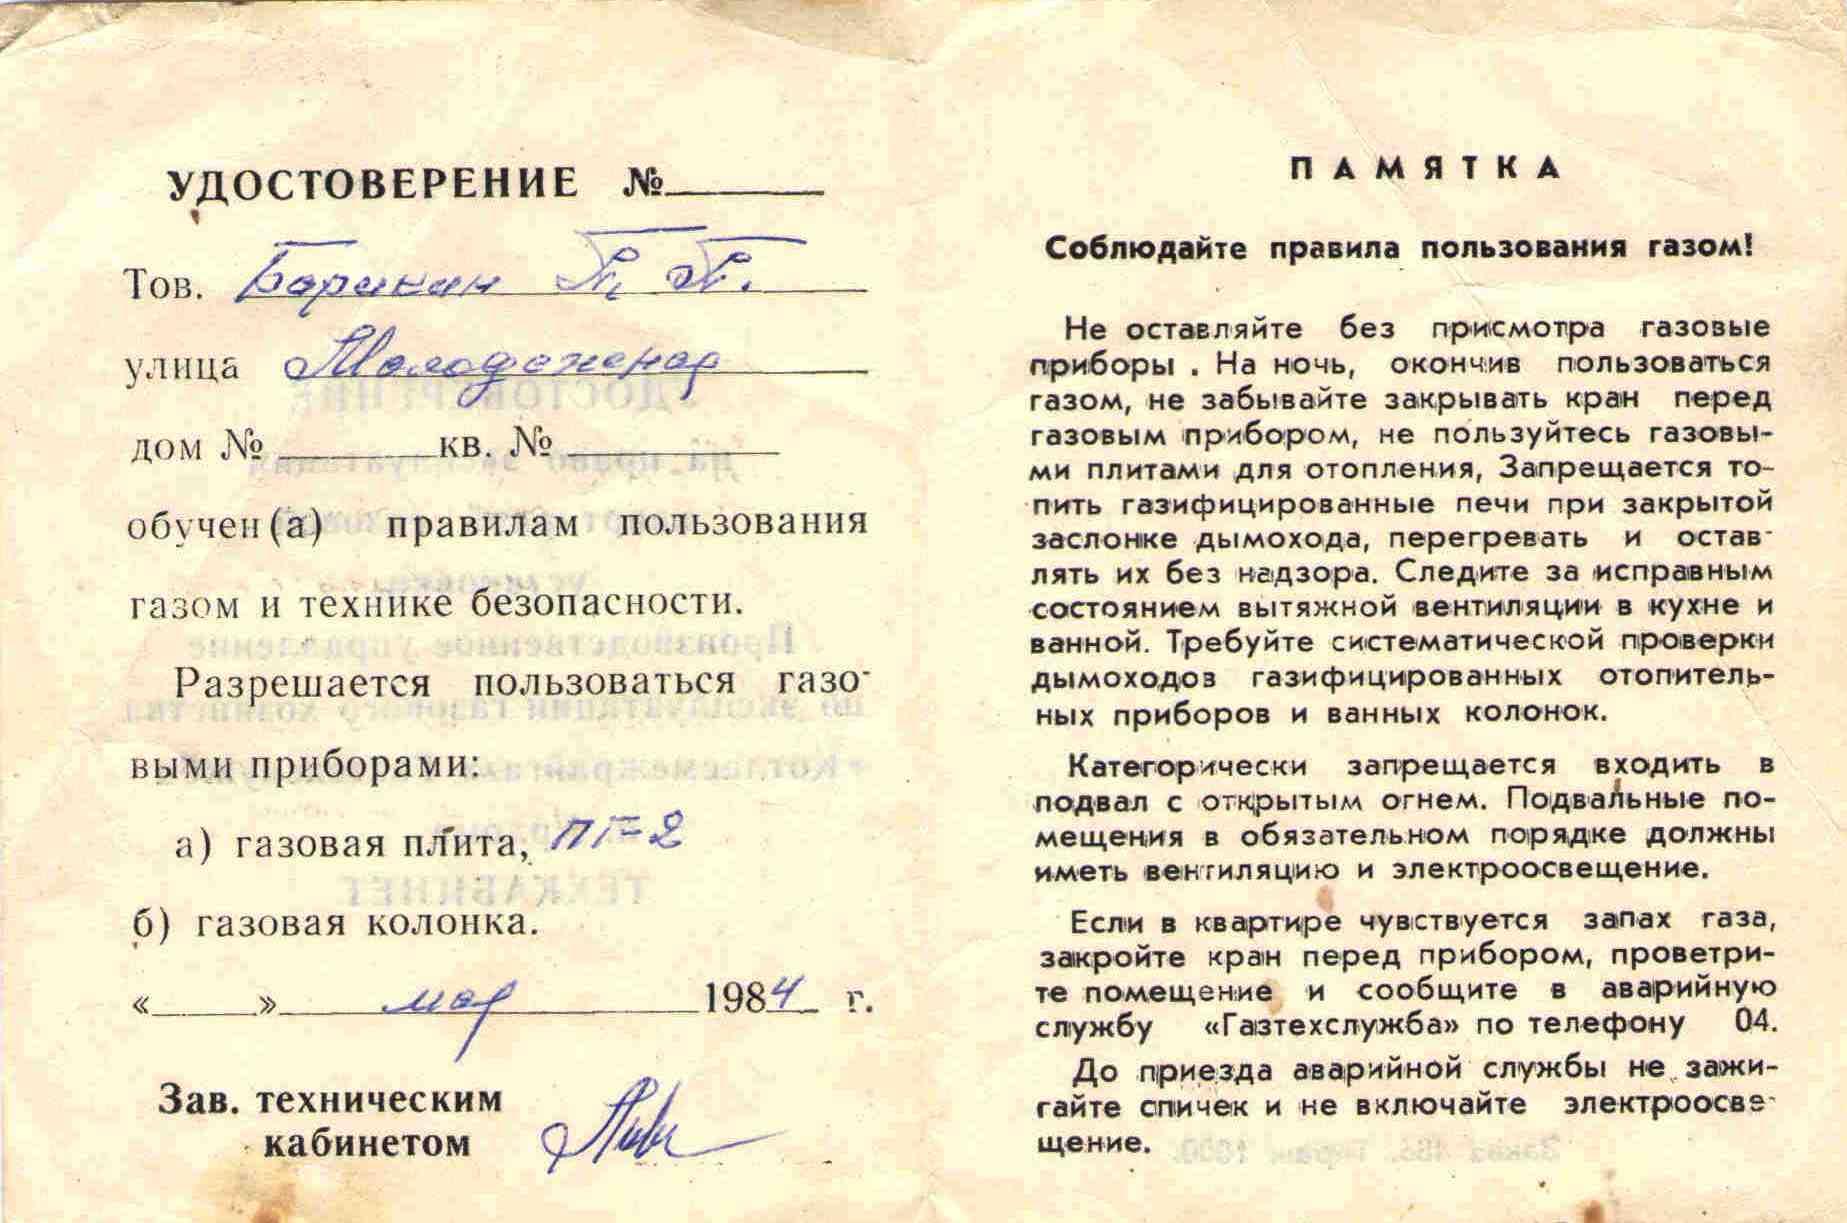 104. Удостоверение на эксплуатацию, газовой плитой, Барыкин ПП, 1984